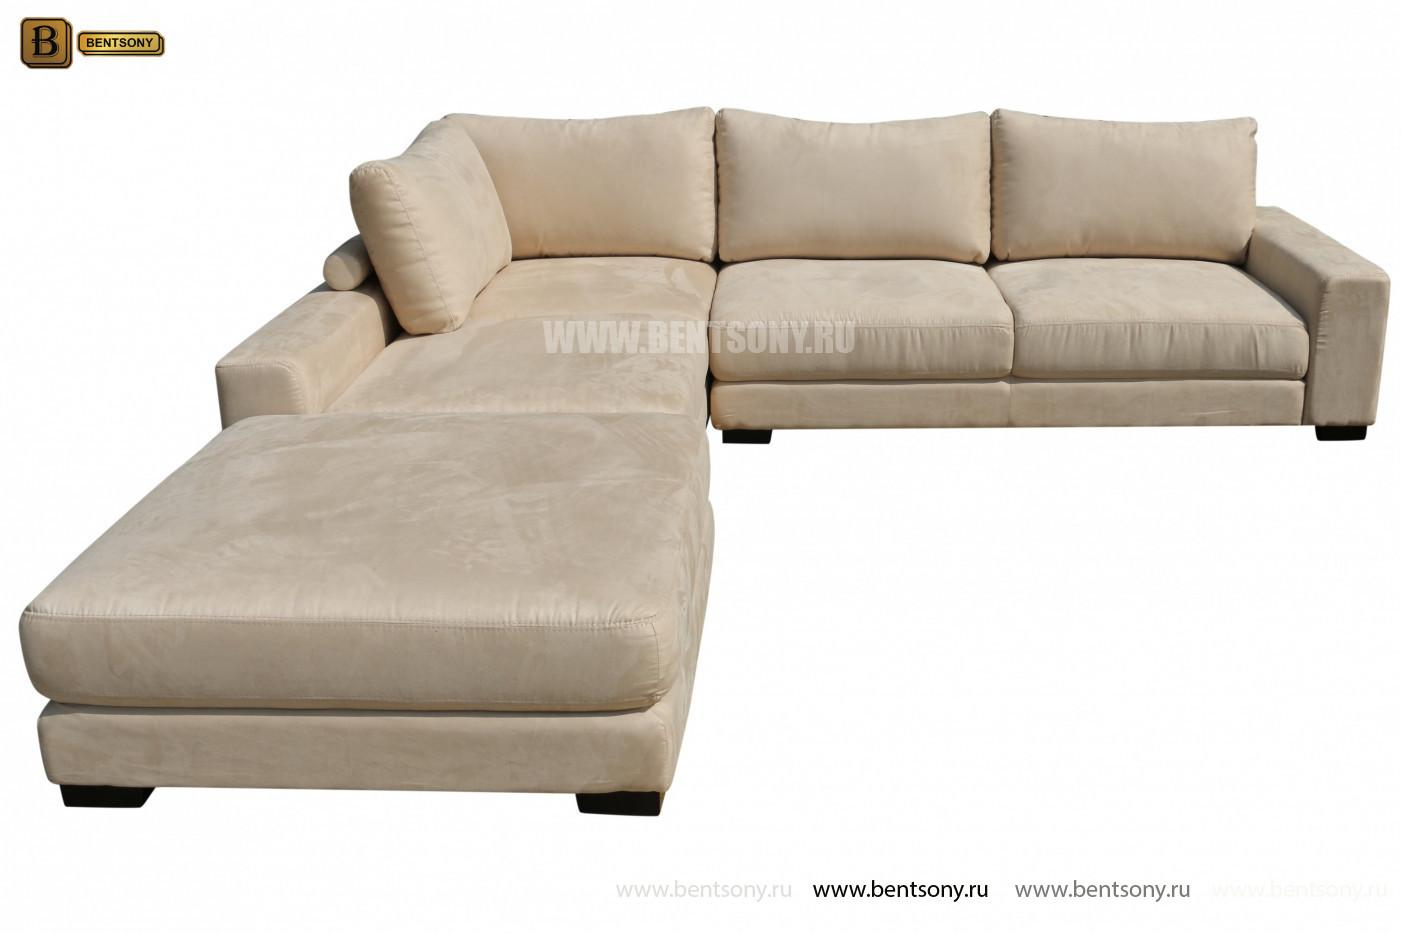 Модульный диван Луиджи для гостинной